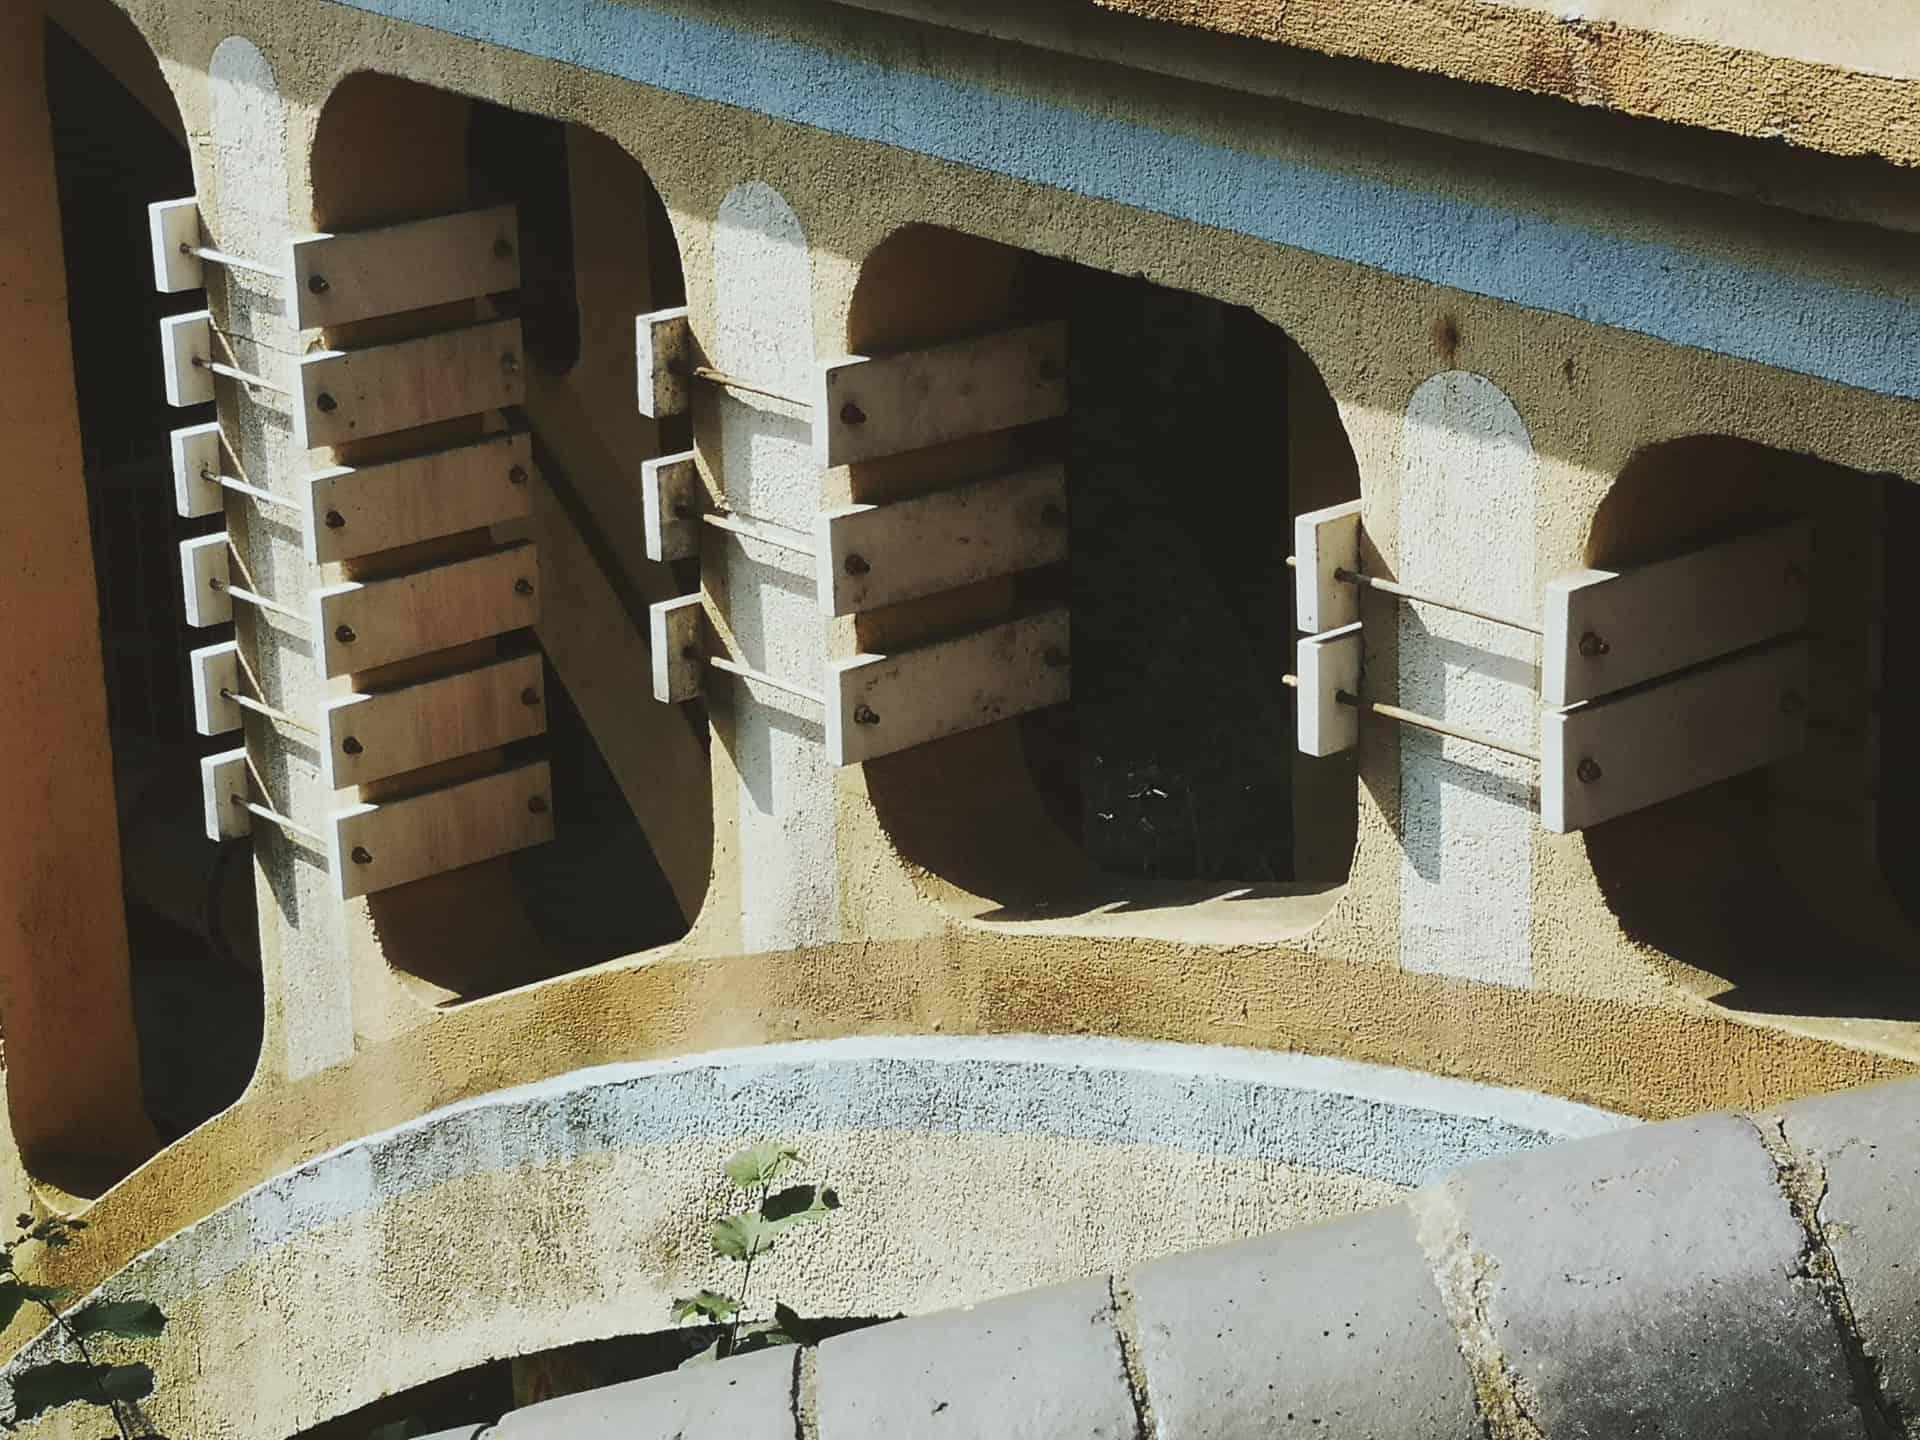 Detail of Spon Lane Bridge, Smethwick